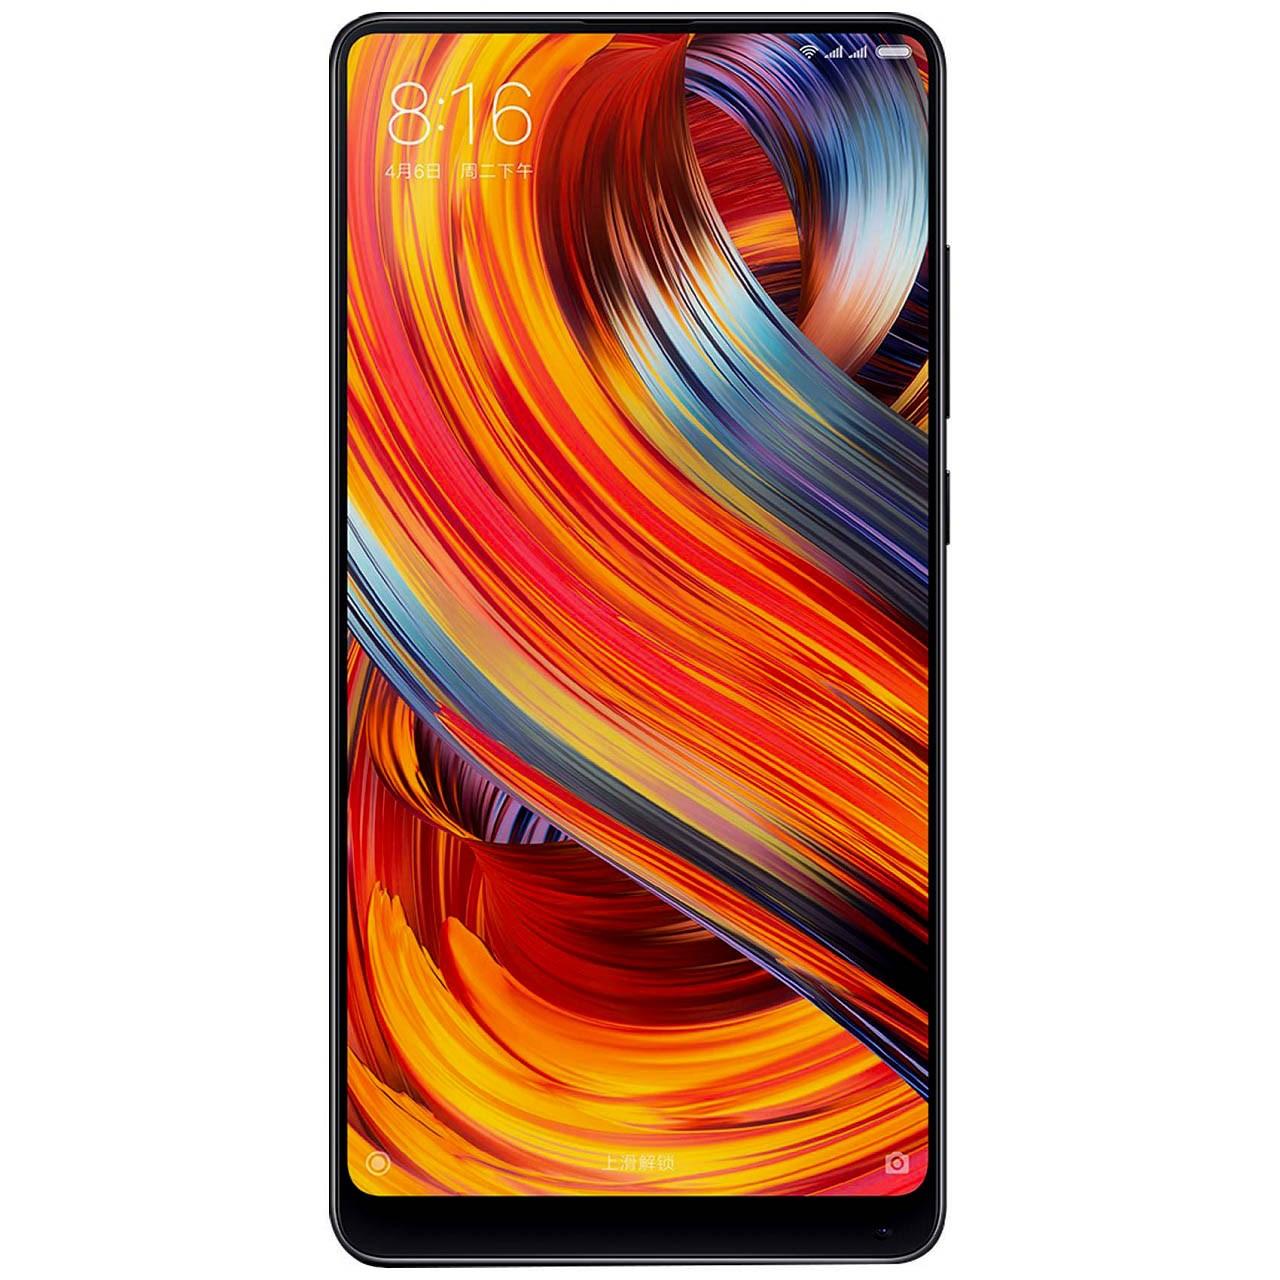 گوشی موبایل شیائومی مدل Mi Mix 2 MDE5 ظرفیت 64 گیگابایت